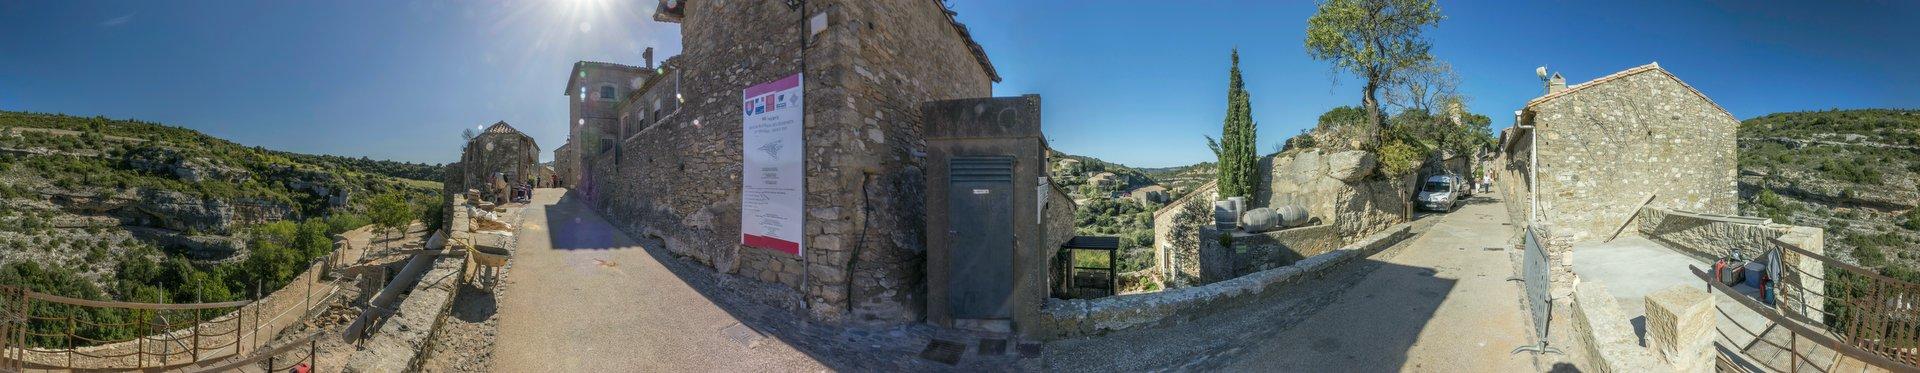 360° Panorama von der Rue de la Tour in Minerve